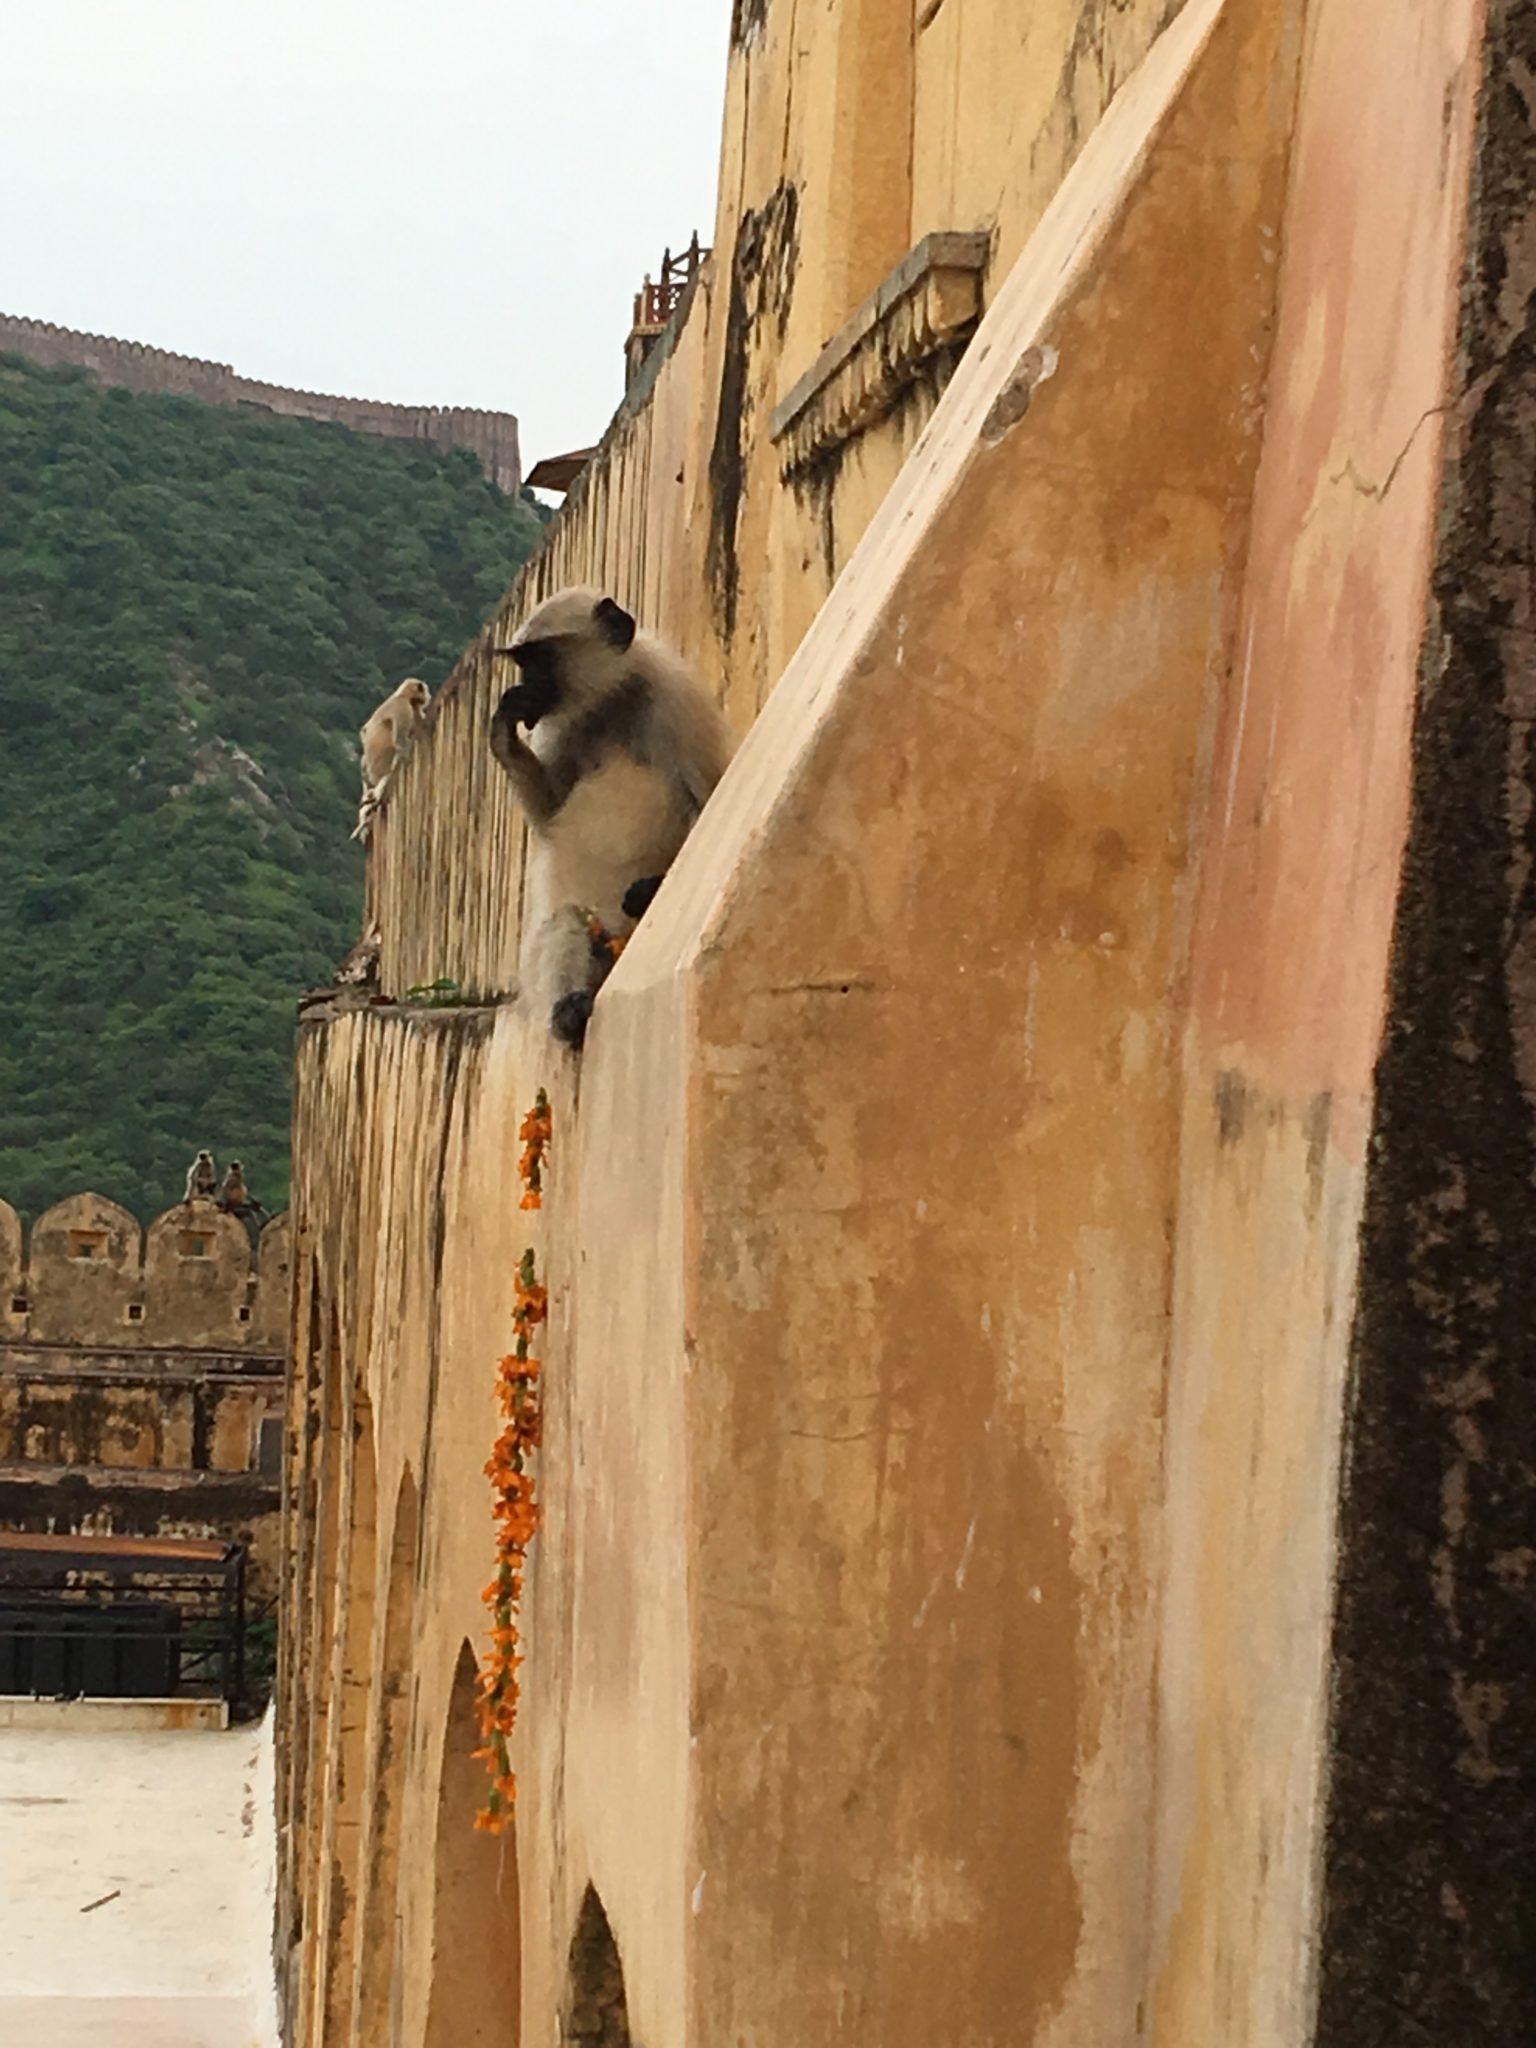 Hier tun sich die Affen an den Opfergaben gütlich:).